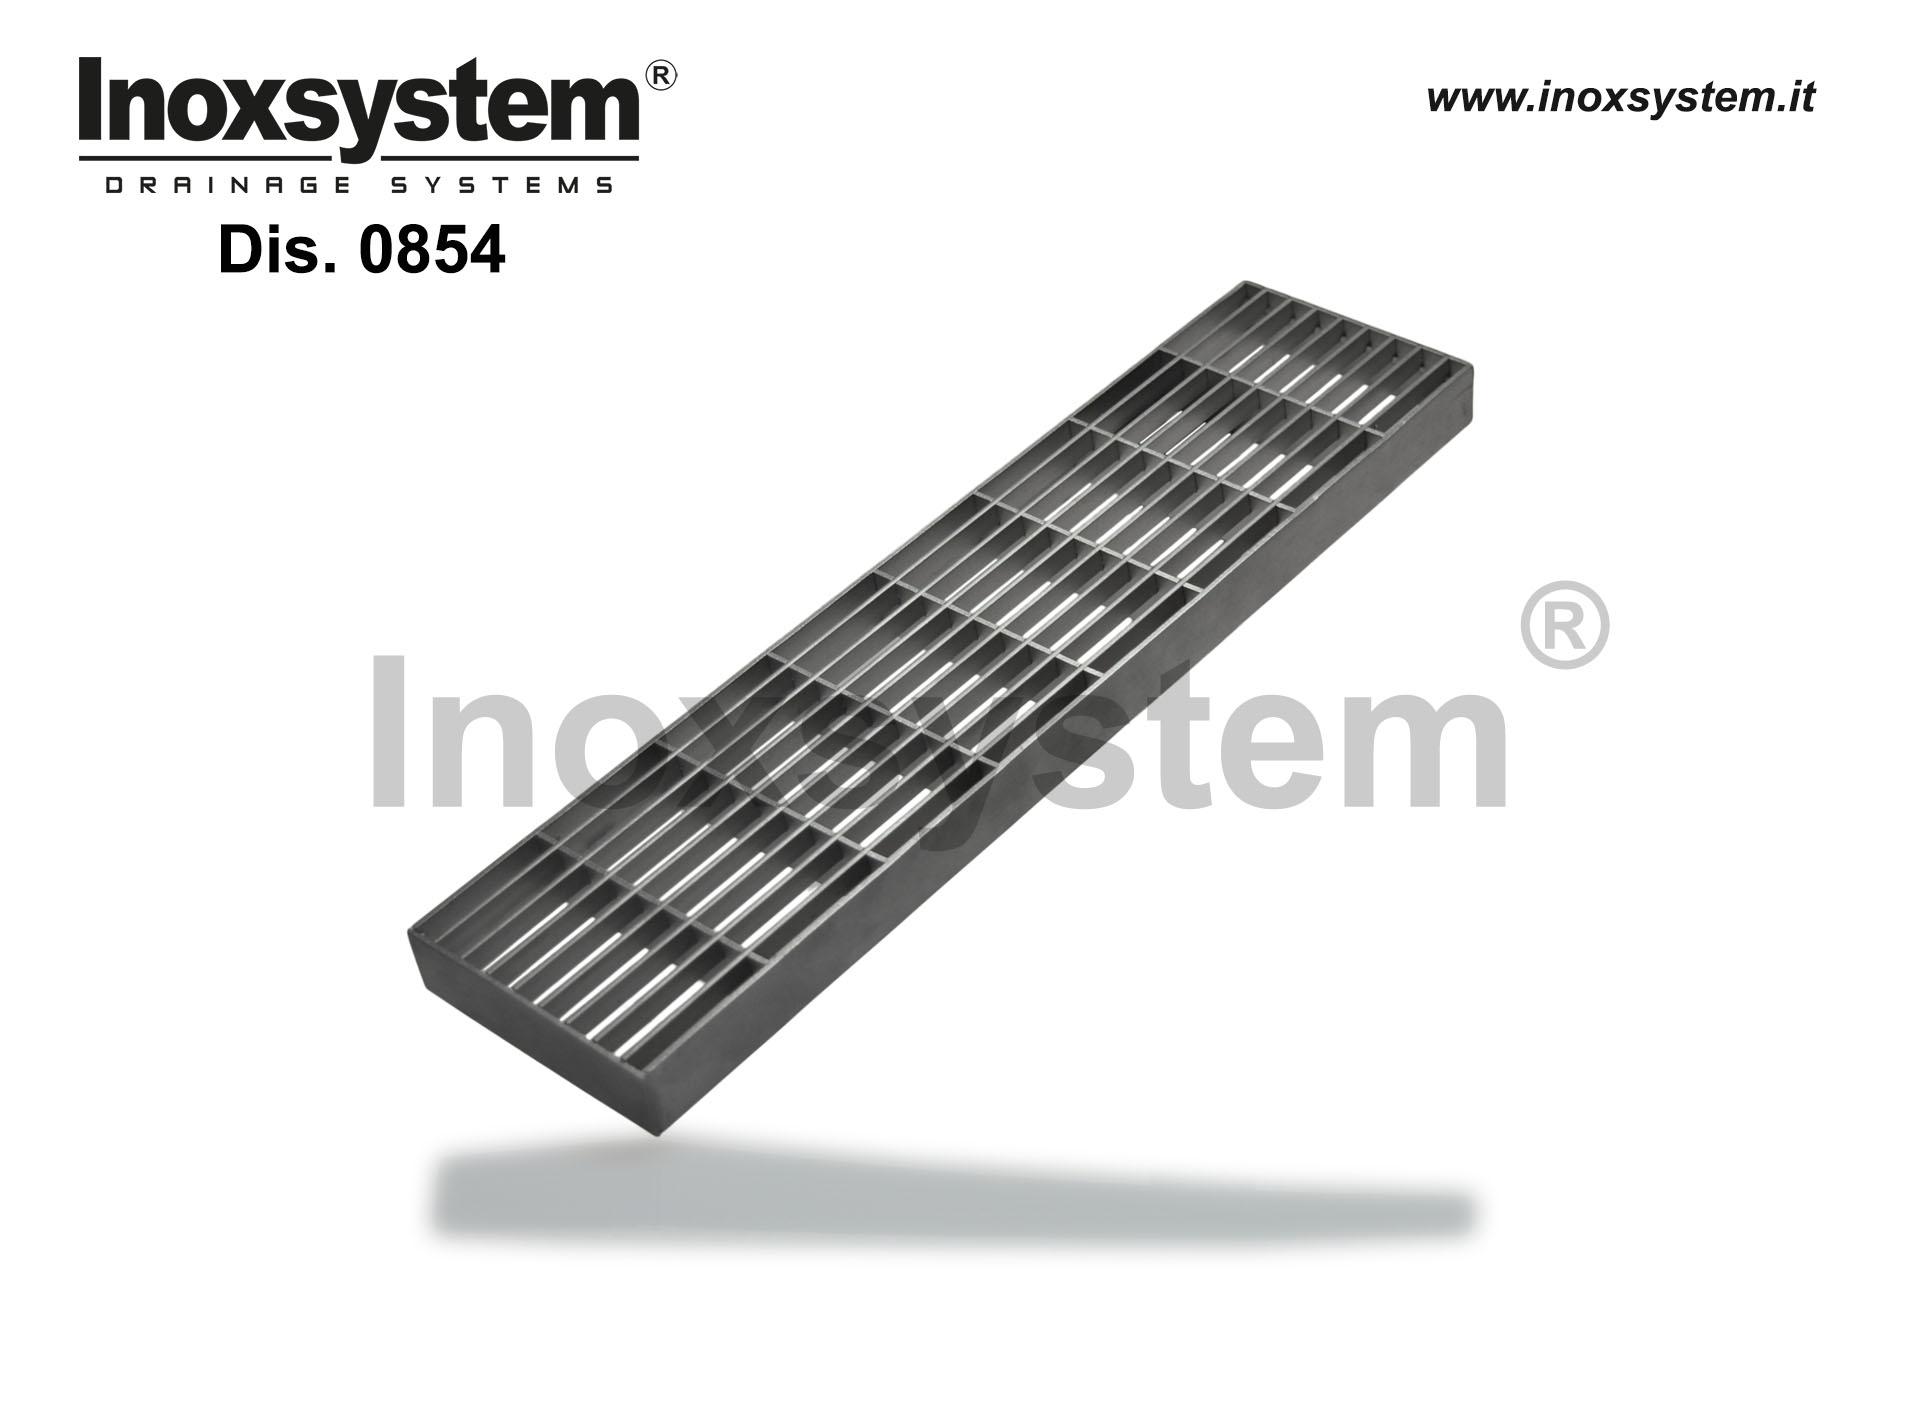 Griglia e gliegliati antitacco in acciaio inox